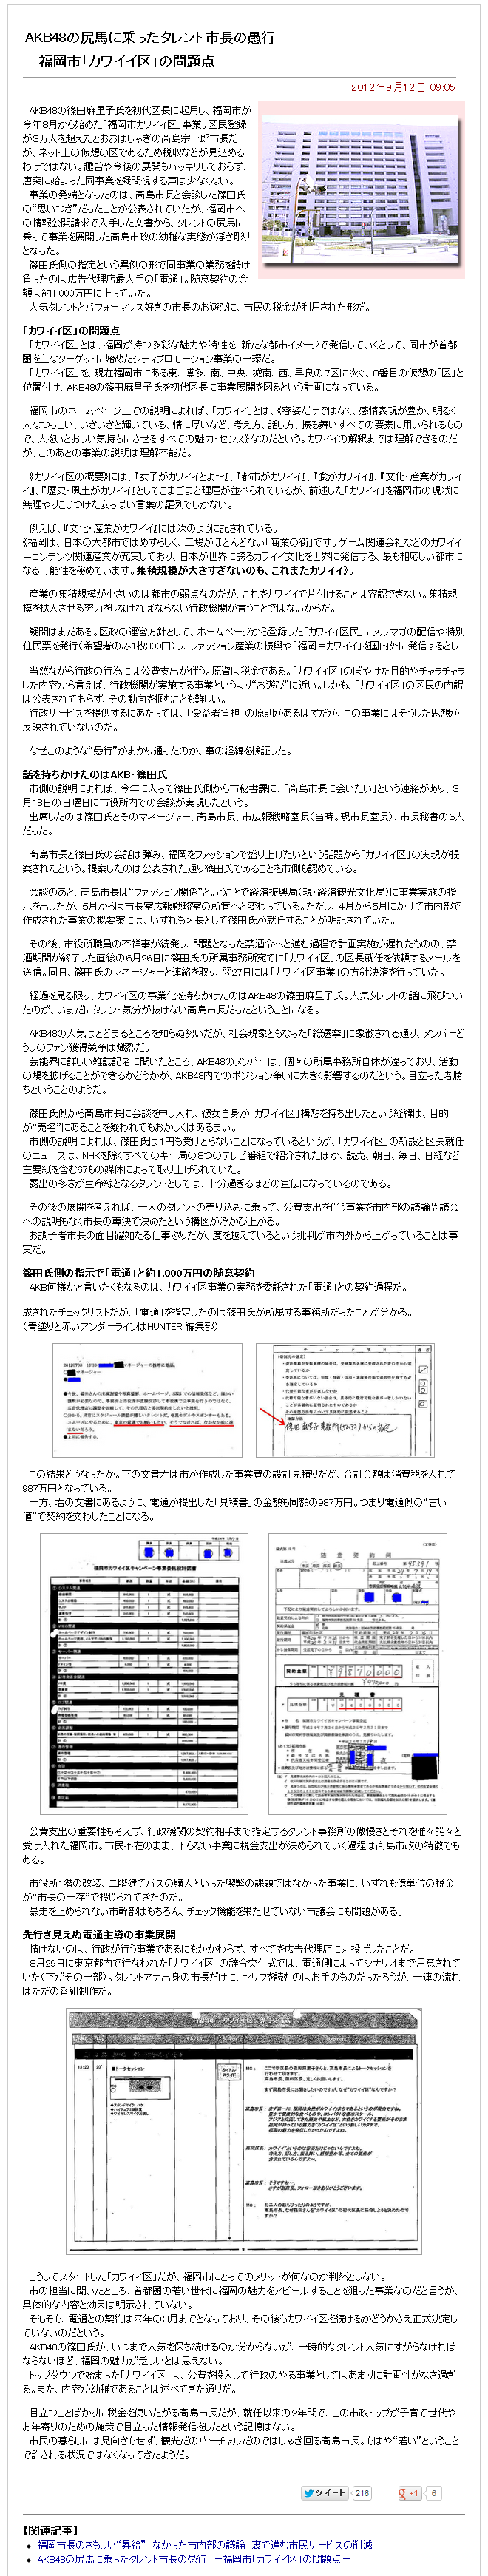 AKB48の尻馬に乗ったタレント市長の愚行